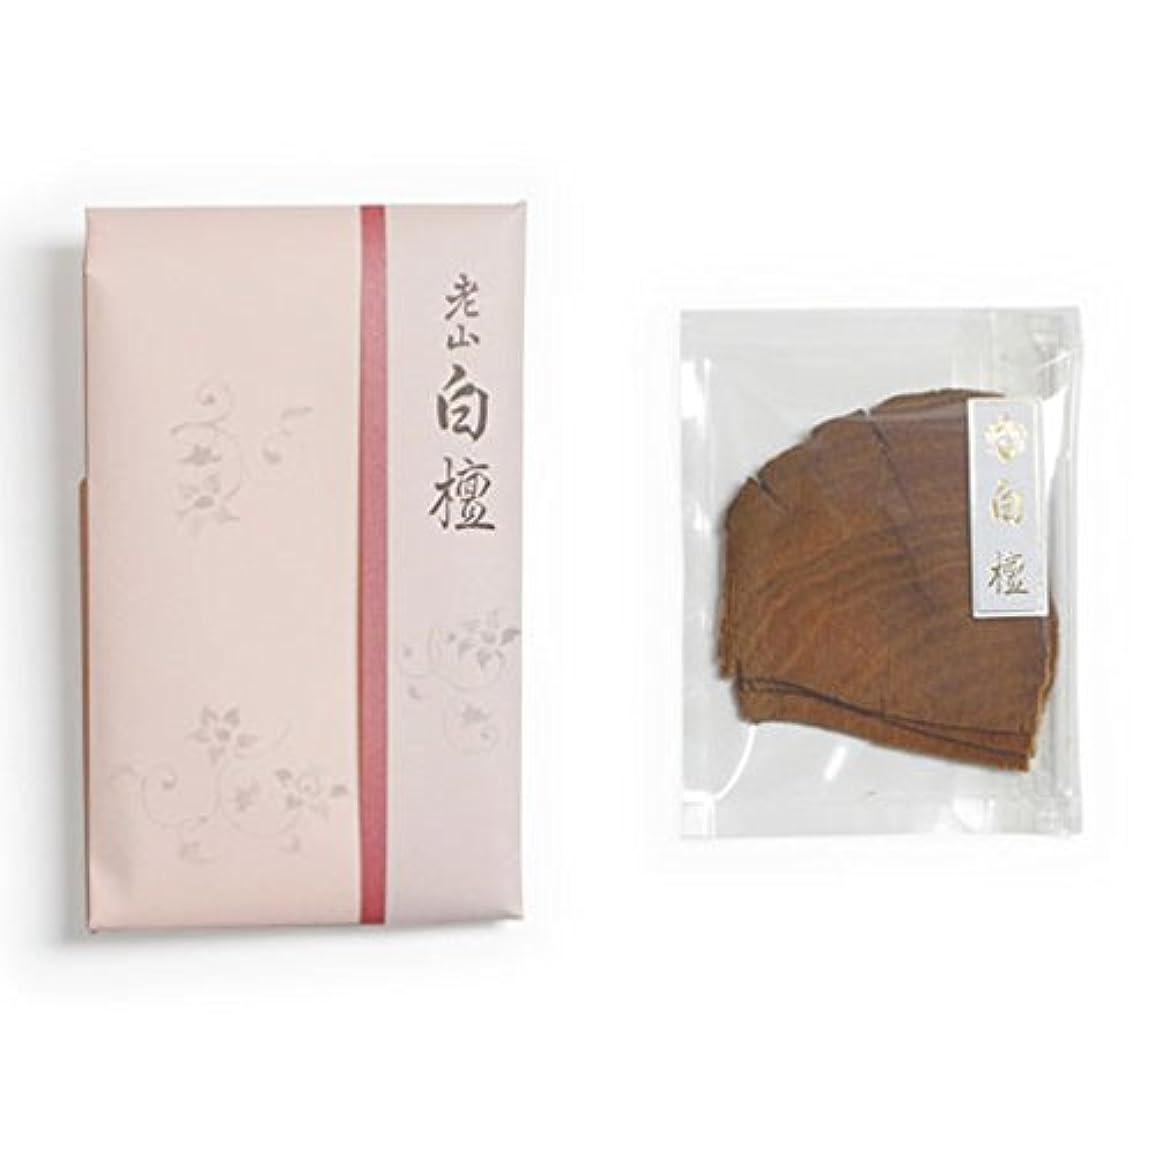 引く現像質素な香木 老山白檀 重(かさね) 10g詰 香木 松栄堂 Shoyeido